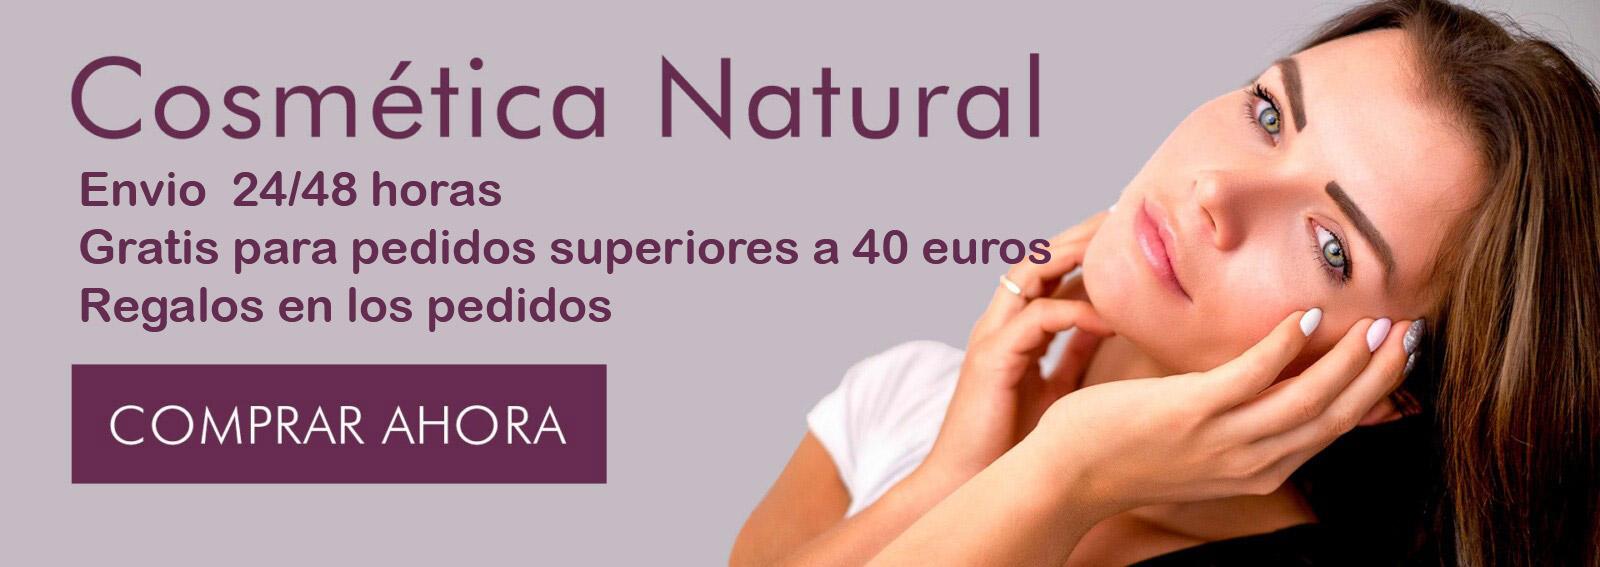 banner cosmetica ebella